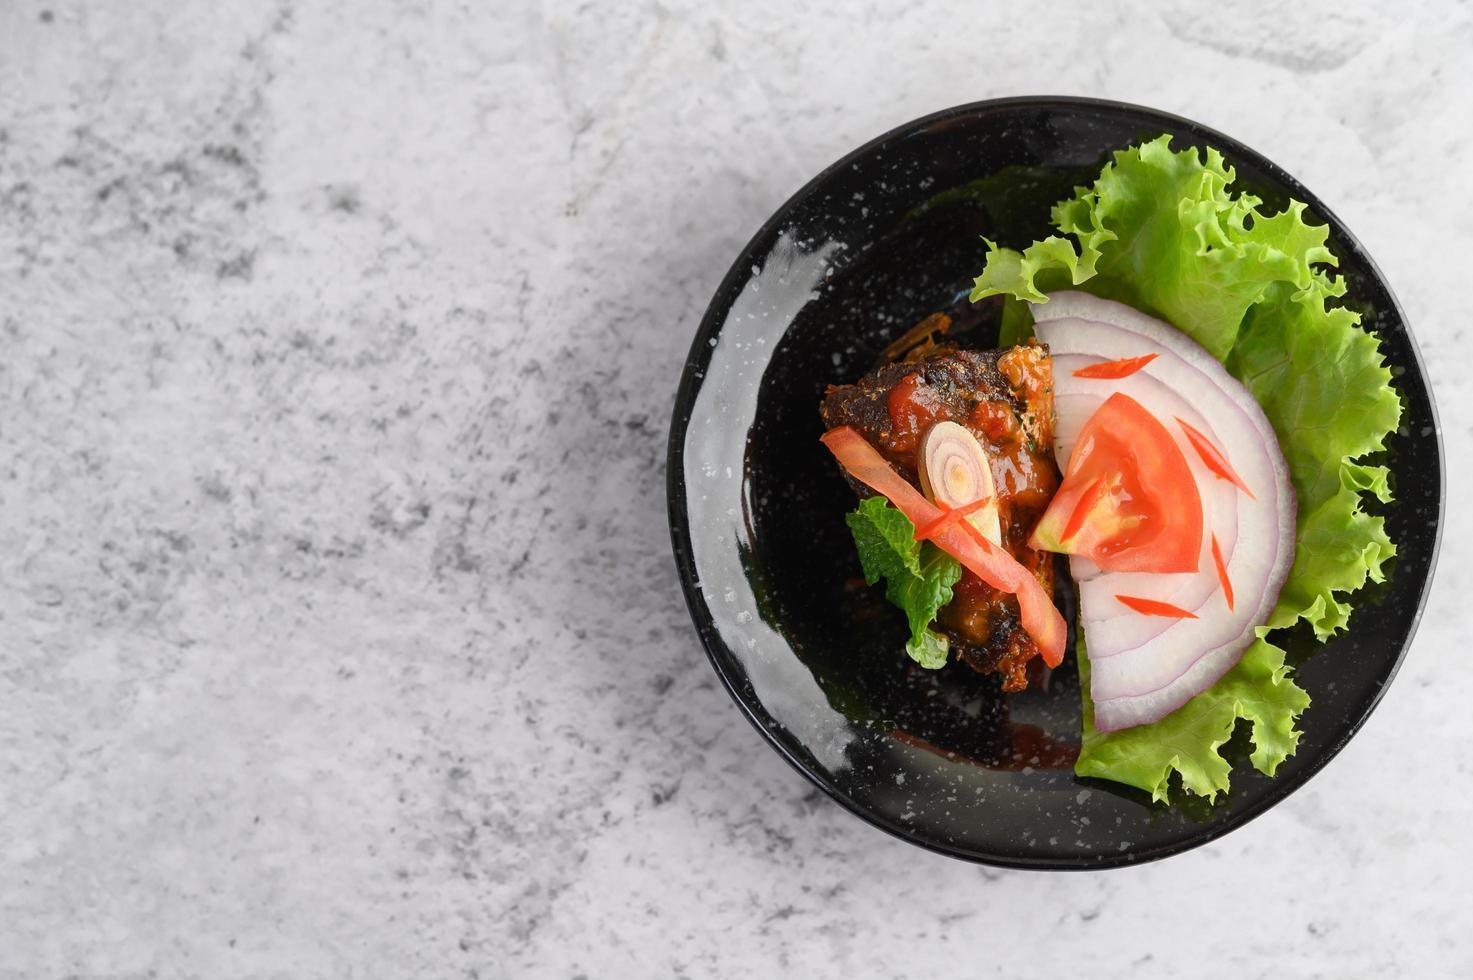 pittige sardineschotel in zwarte ceramische kom foto